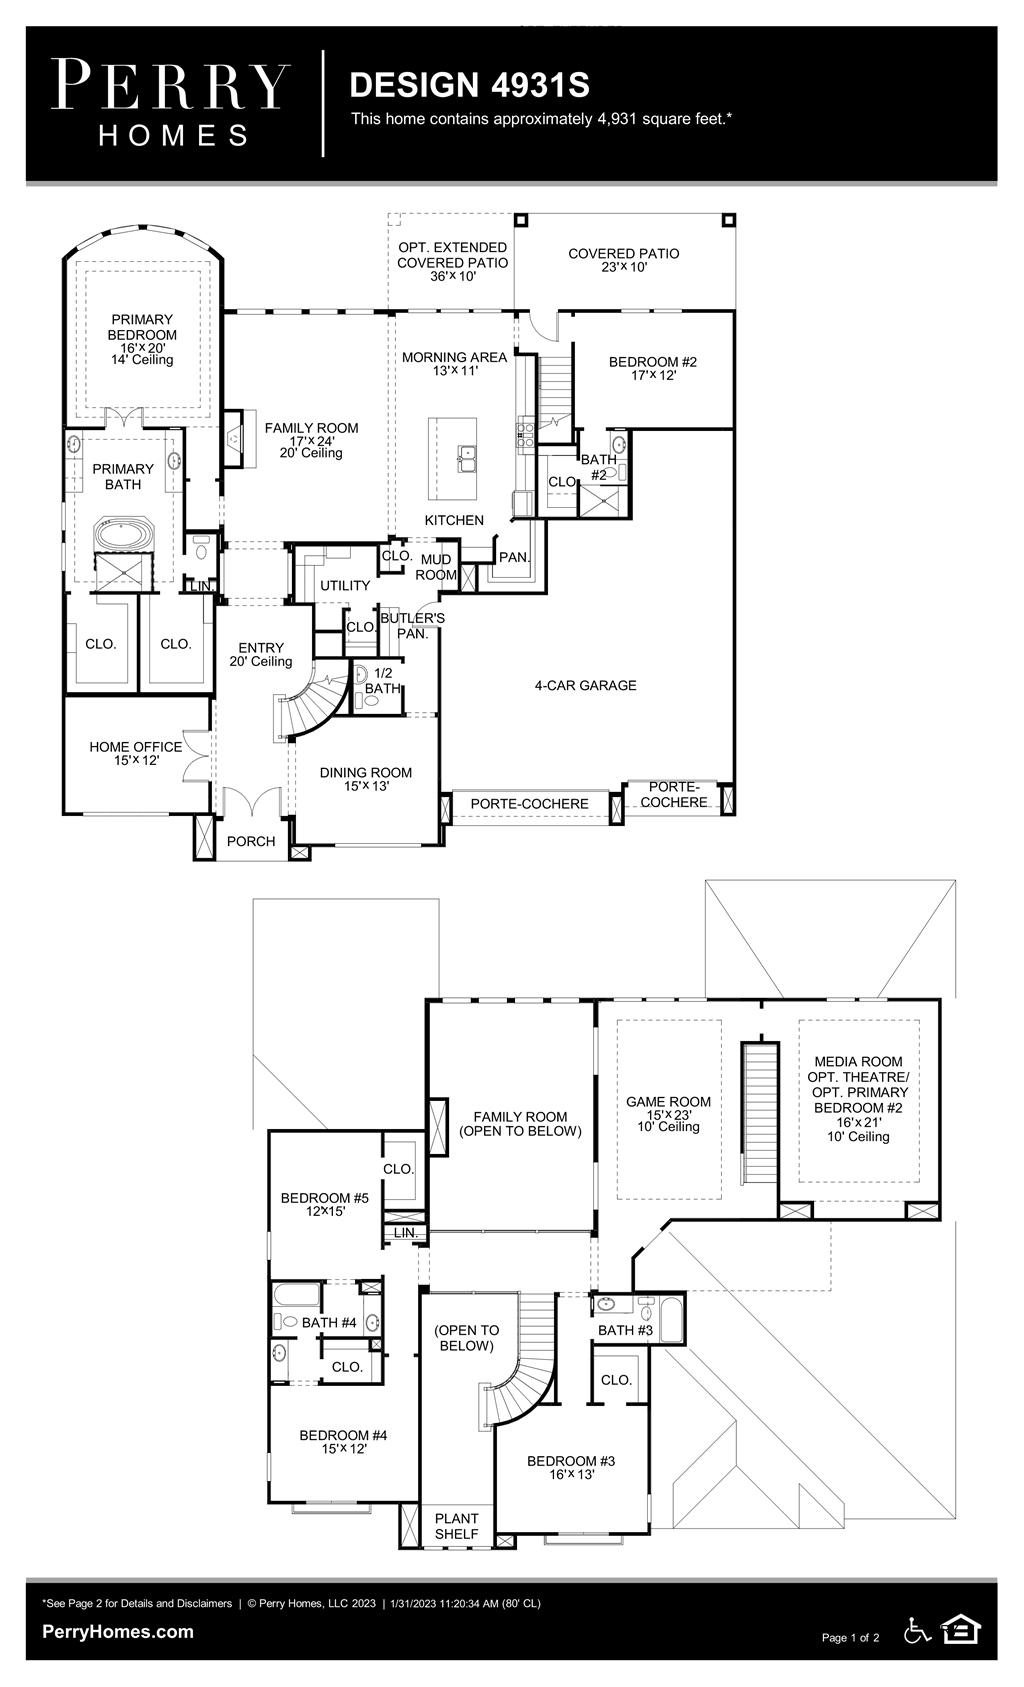 Floor Plan for 4931S